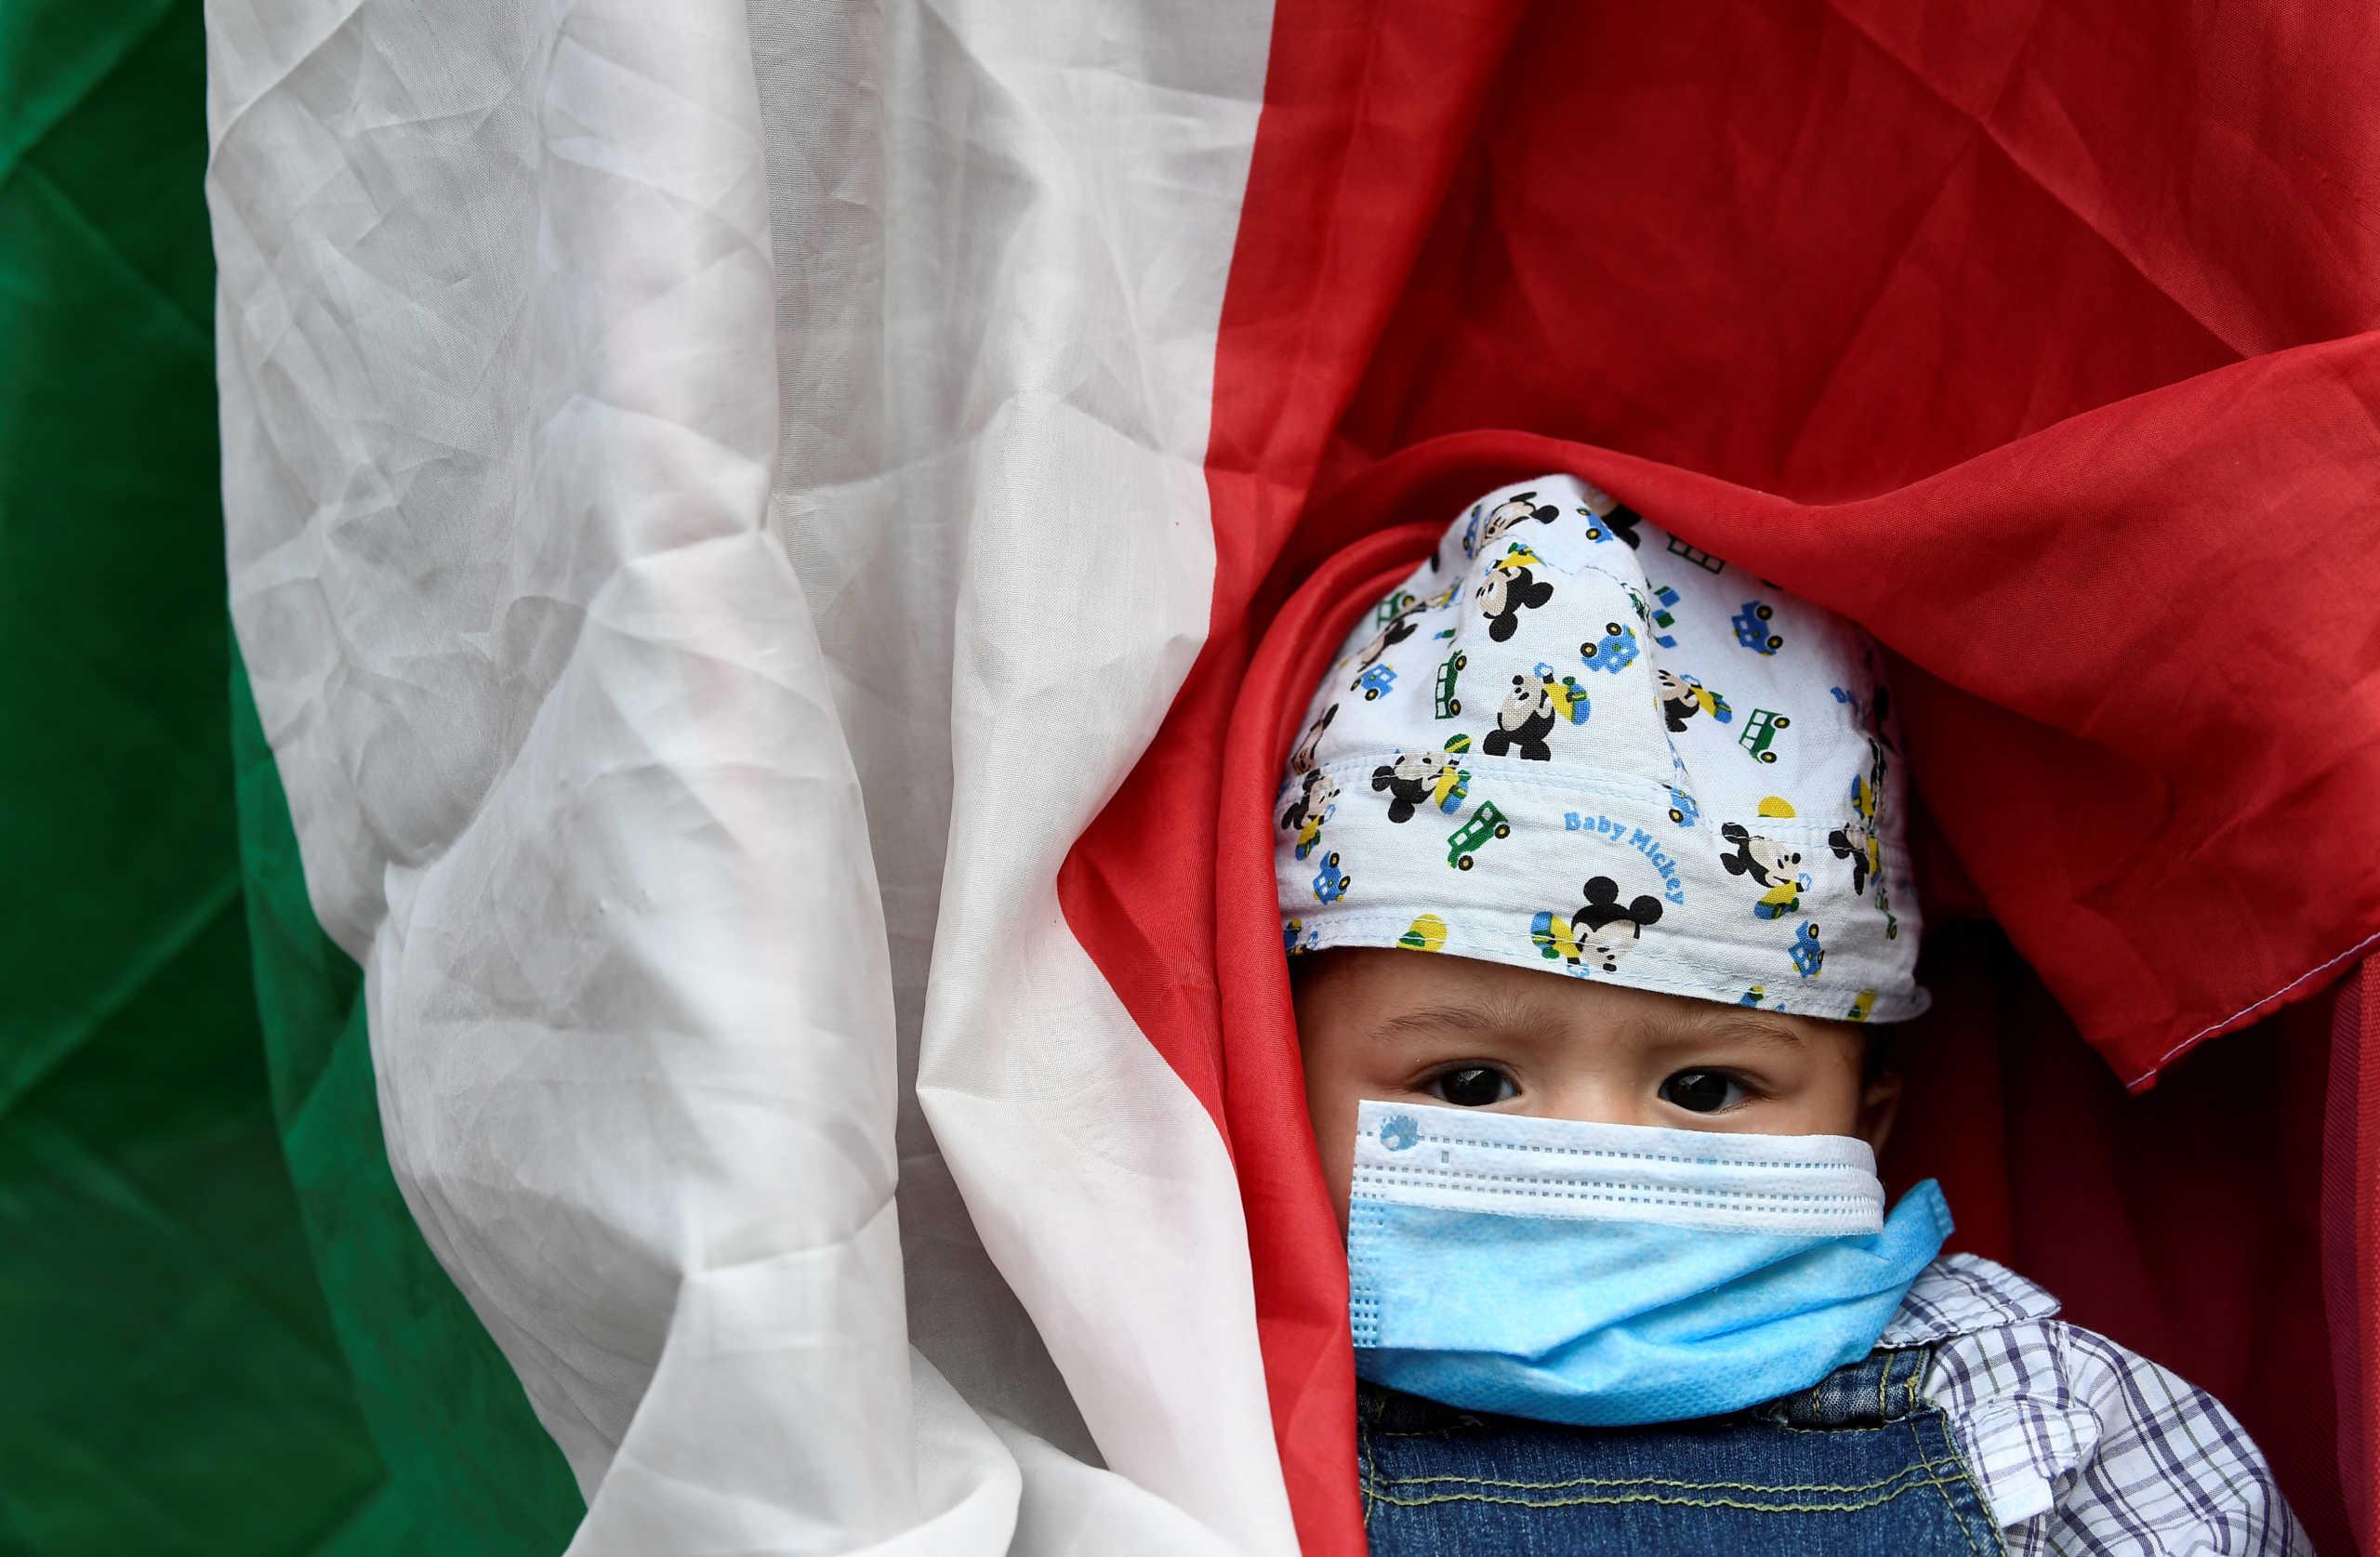 Κορονοϊός: Μωρά και νήπια πιο μεταδοτικά από τους έφηβους – Τι αναφέρει νέα έρευνα